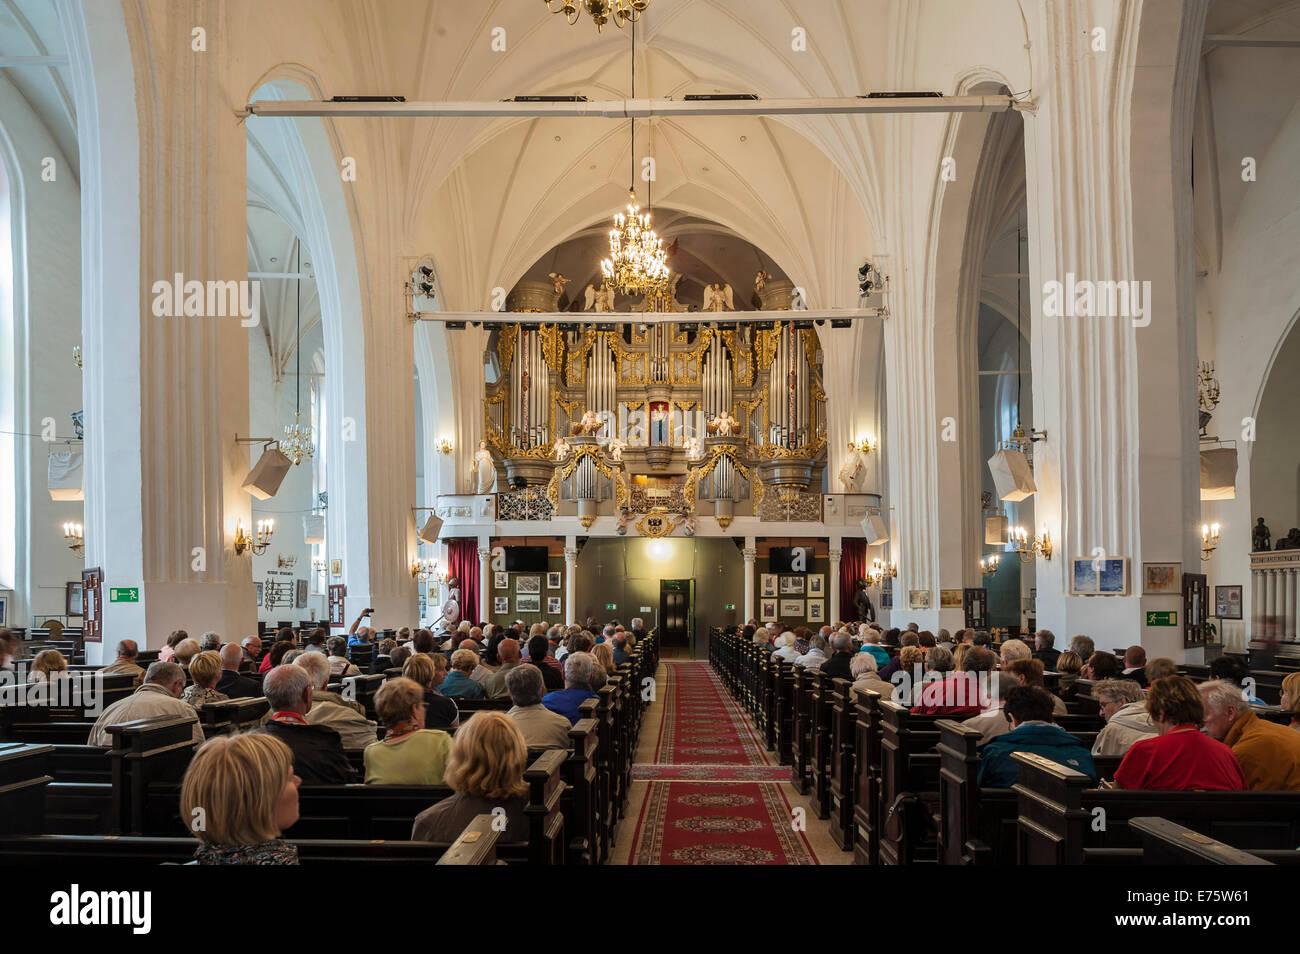 Nouvel organe principal dans la Cathédrale de Königsberg, construit en 2008 par le facteur d'orgues Photo Stock